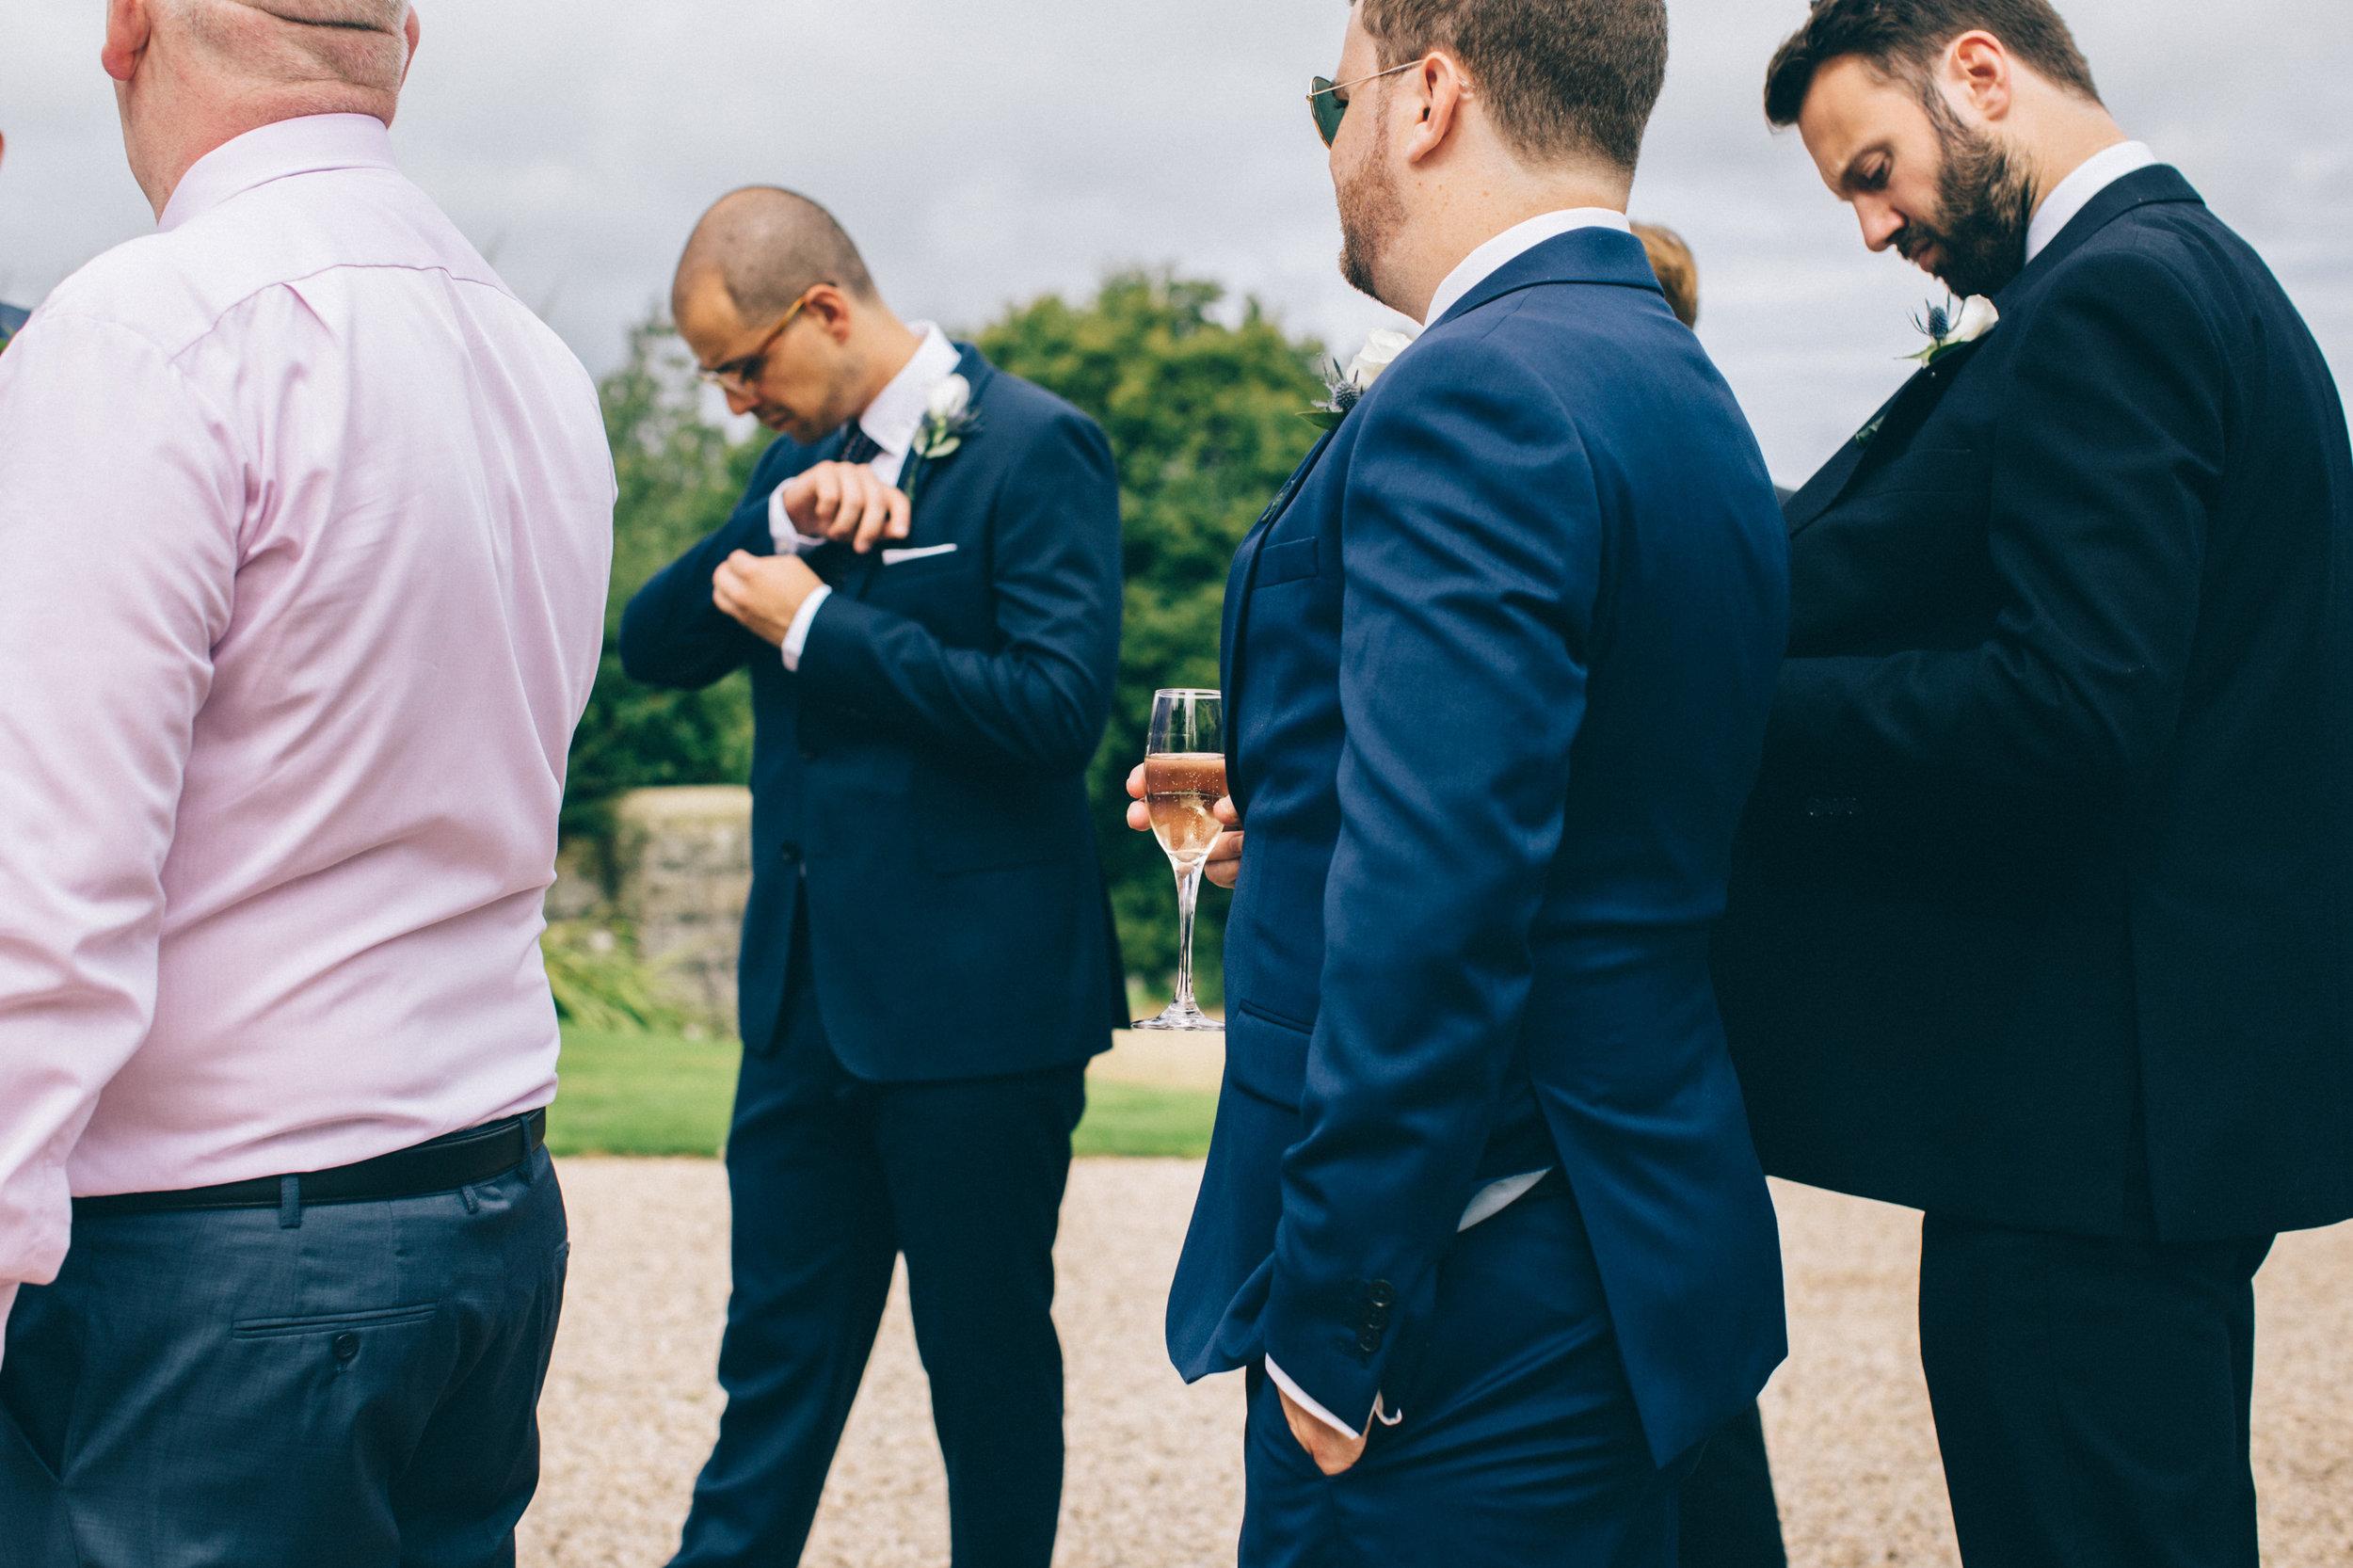 uk wedding photographer artistic wedding photography-22.jpg